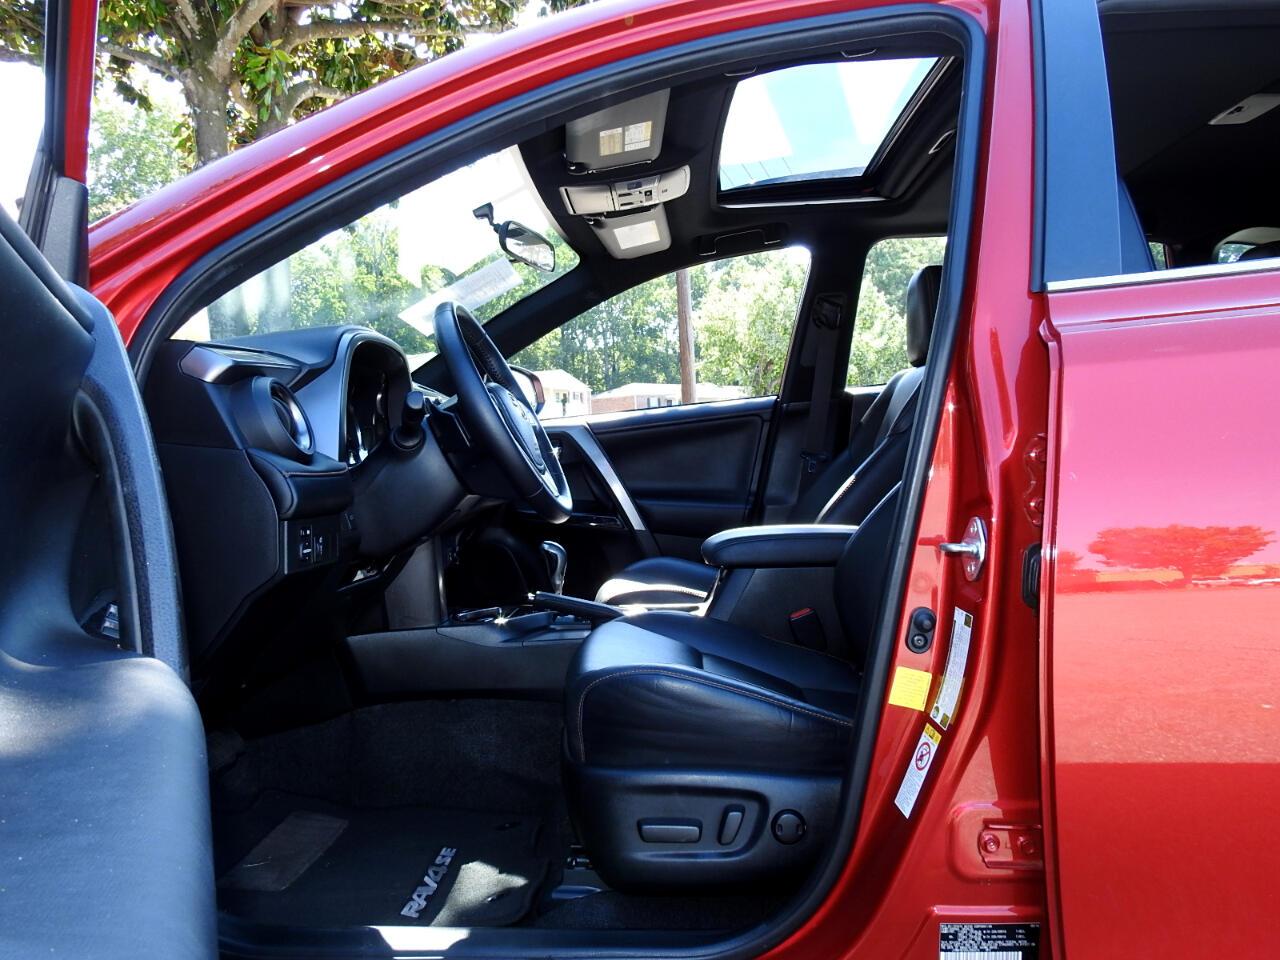 2016 Toyota RAV4 FWD 4dr SE (Natl)